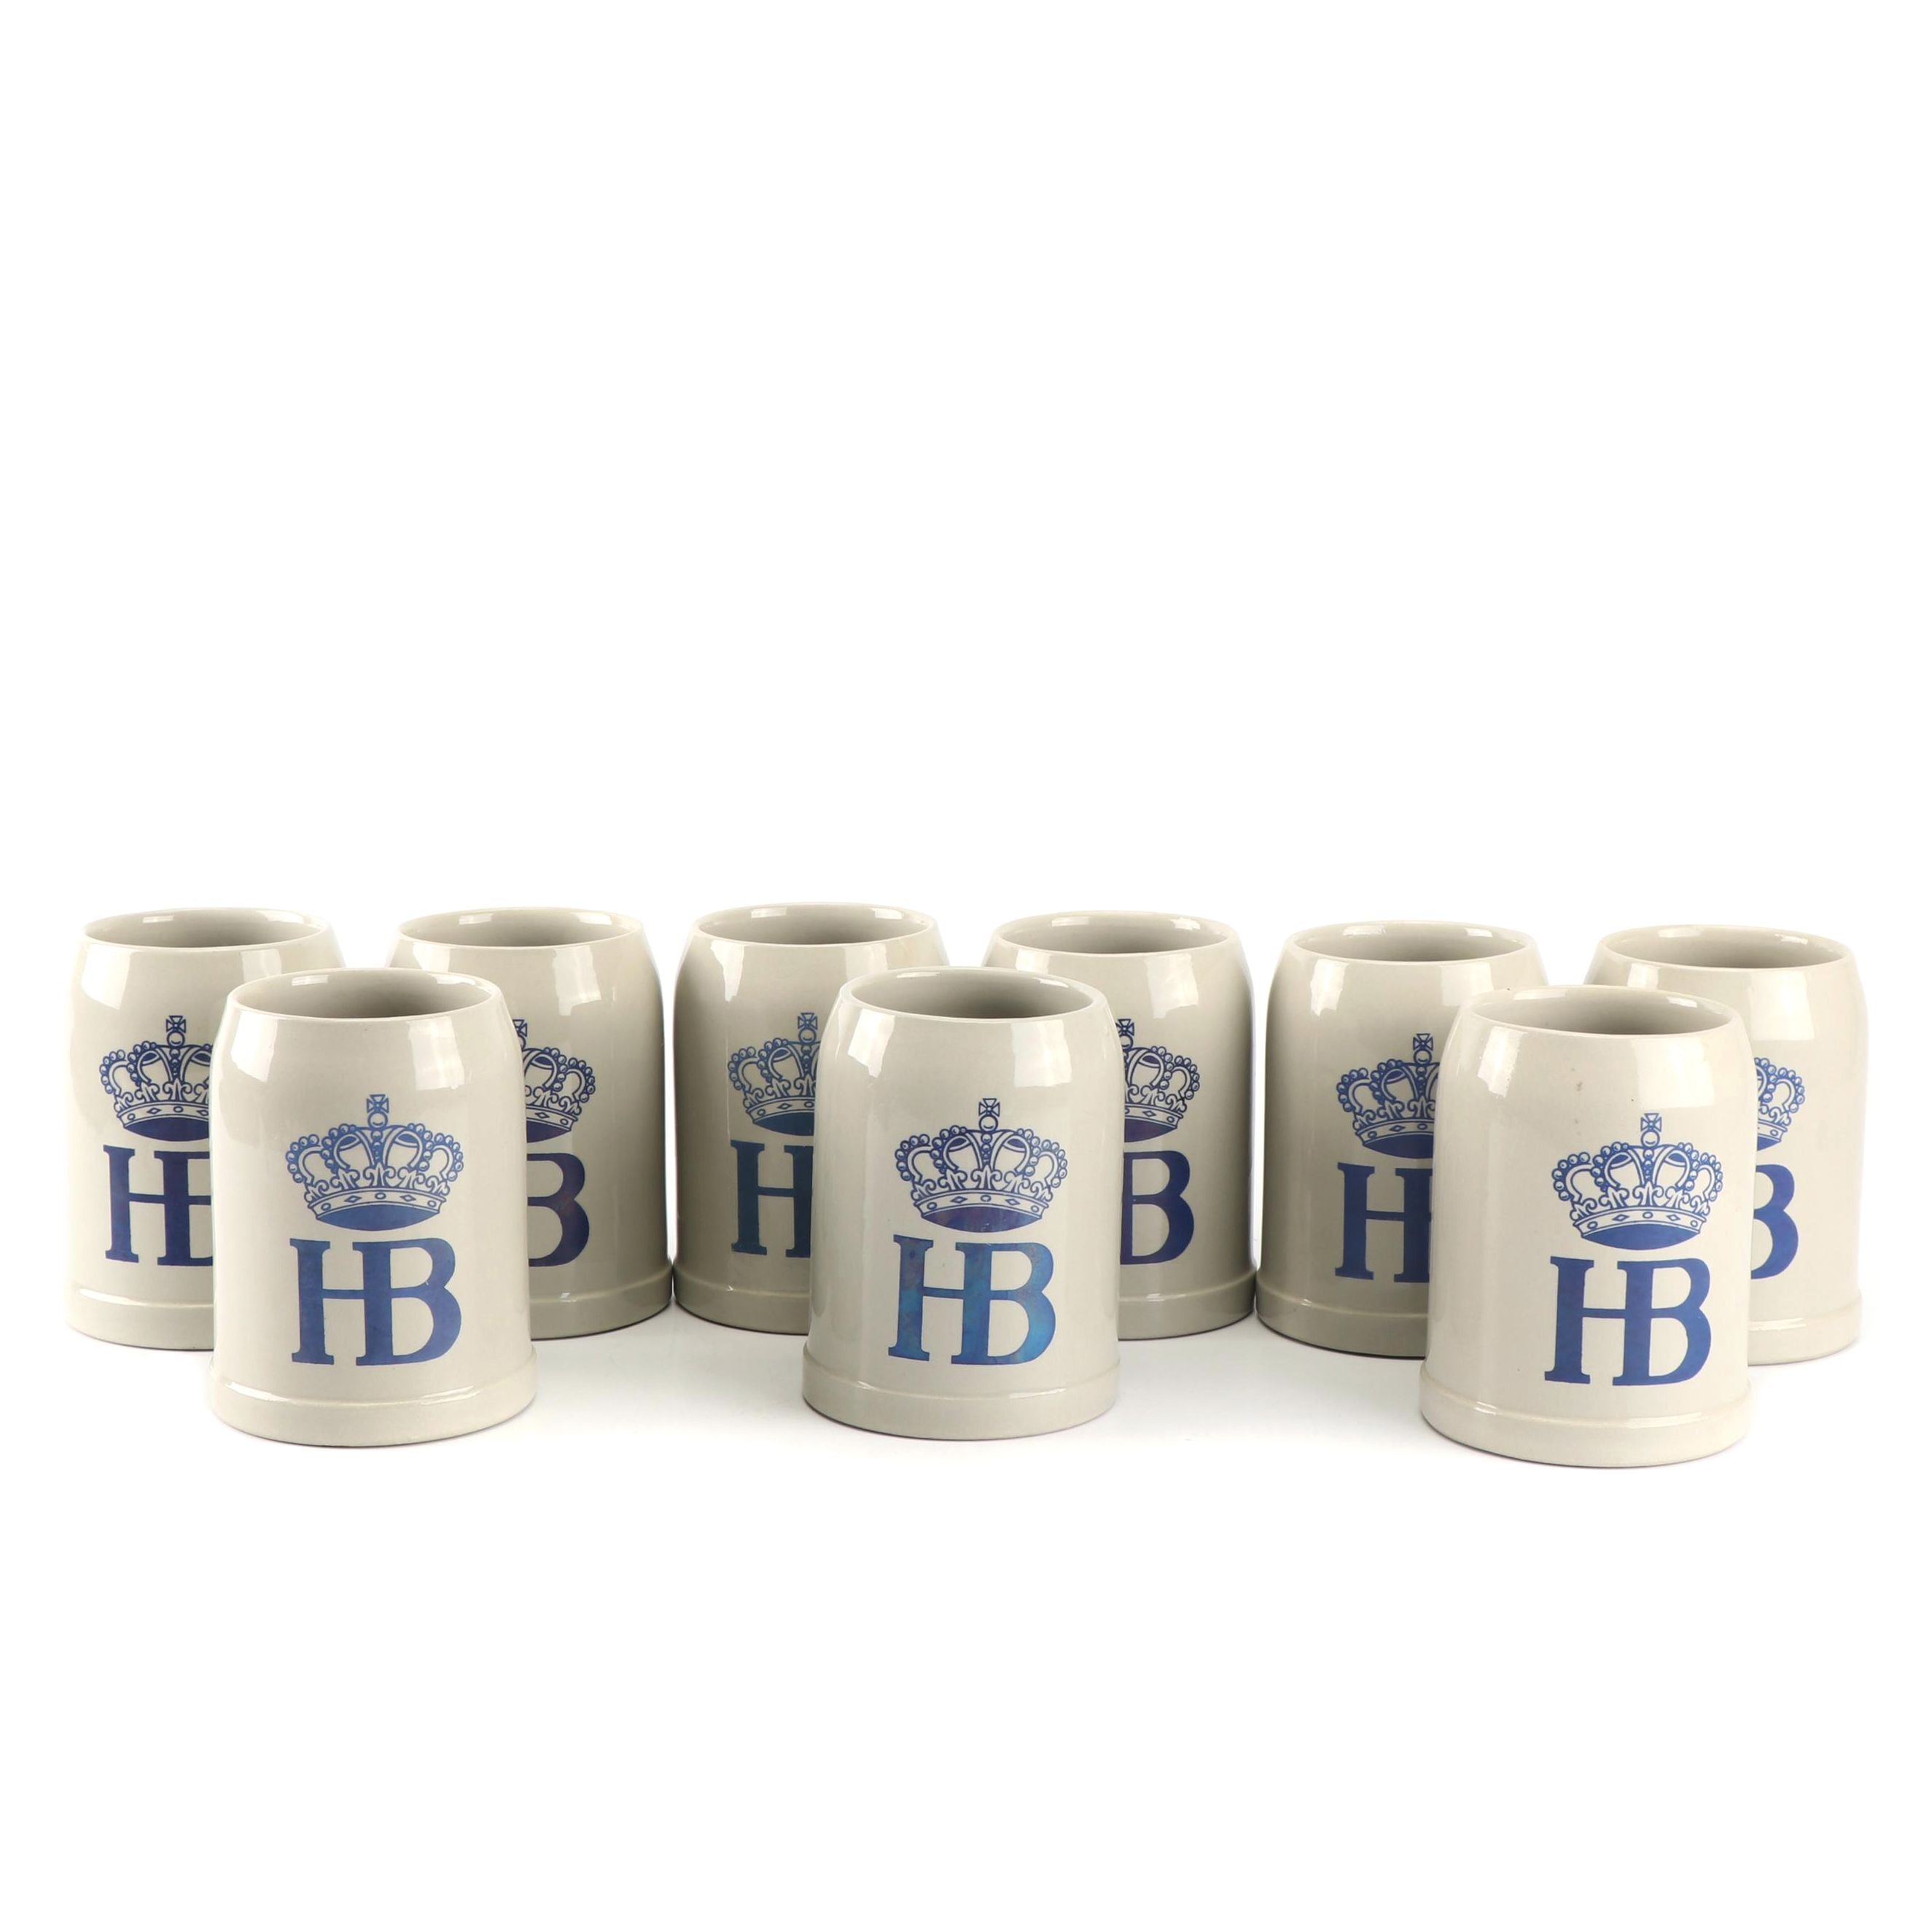 Vintage German Hofbrauhaus Stoneware Beer Steins